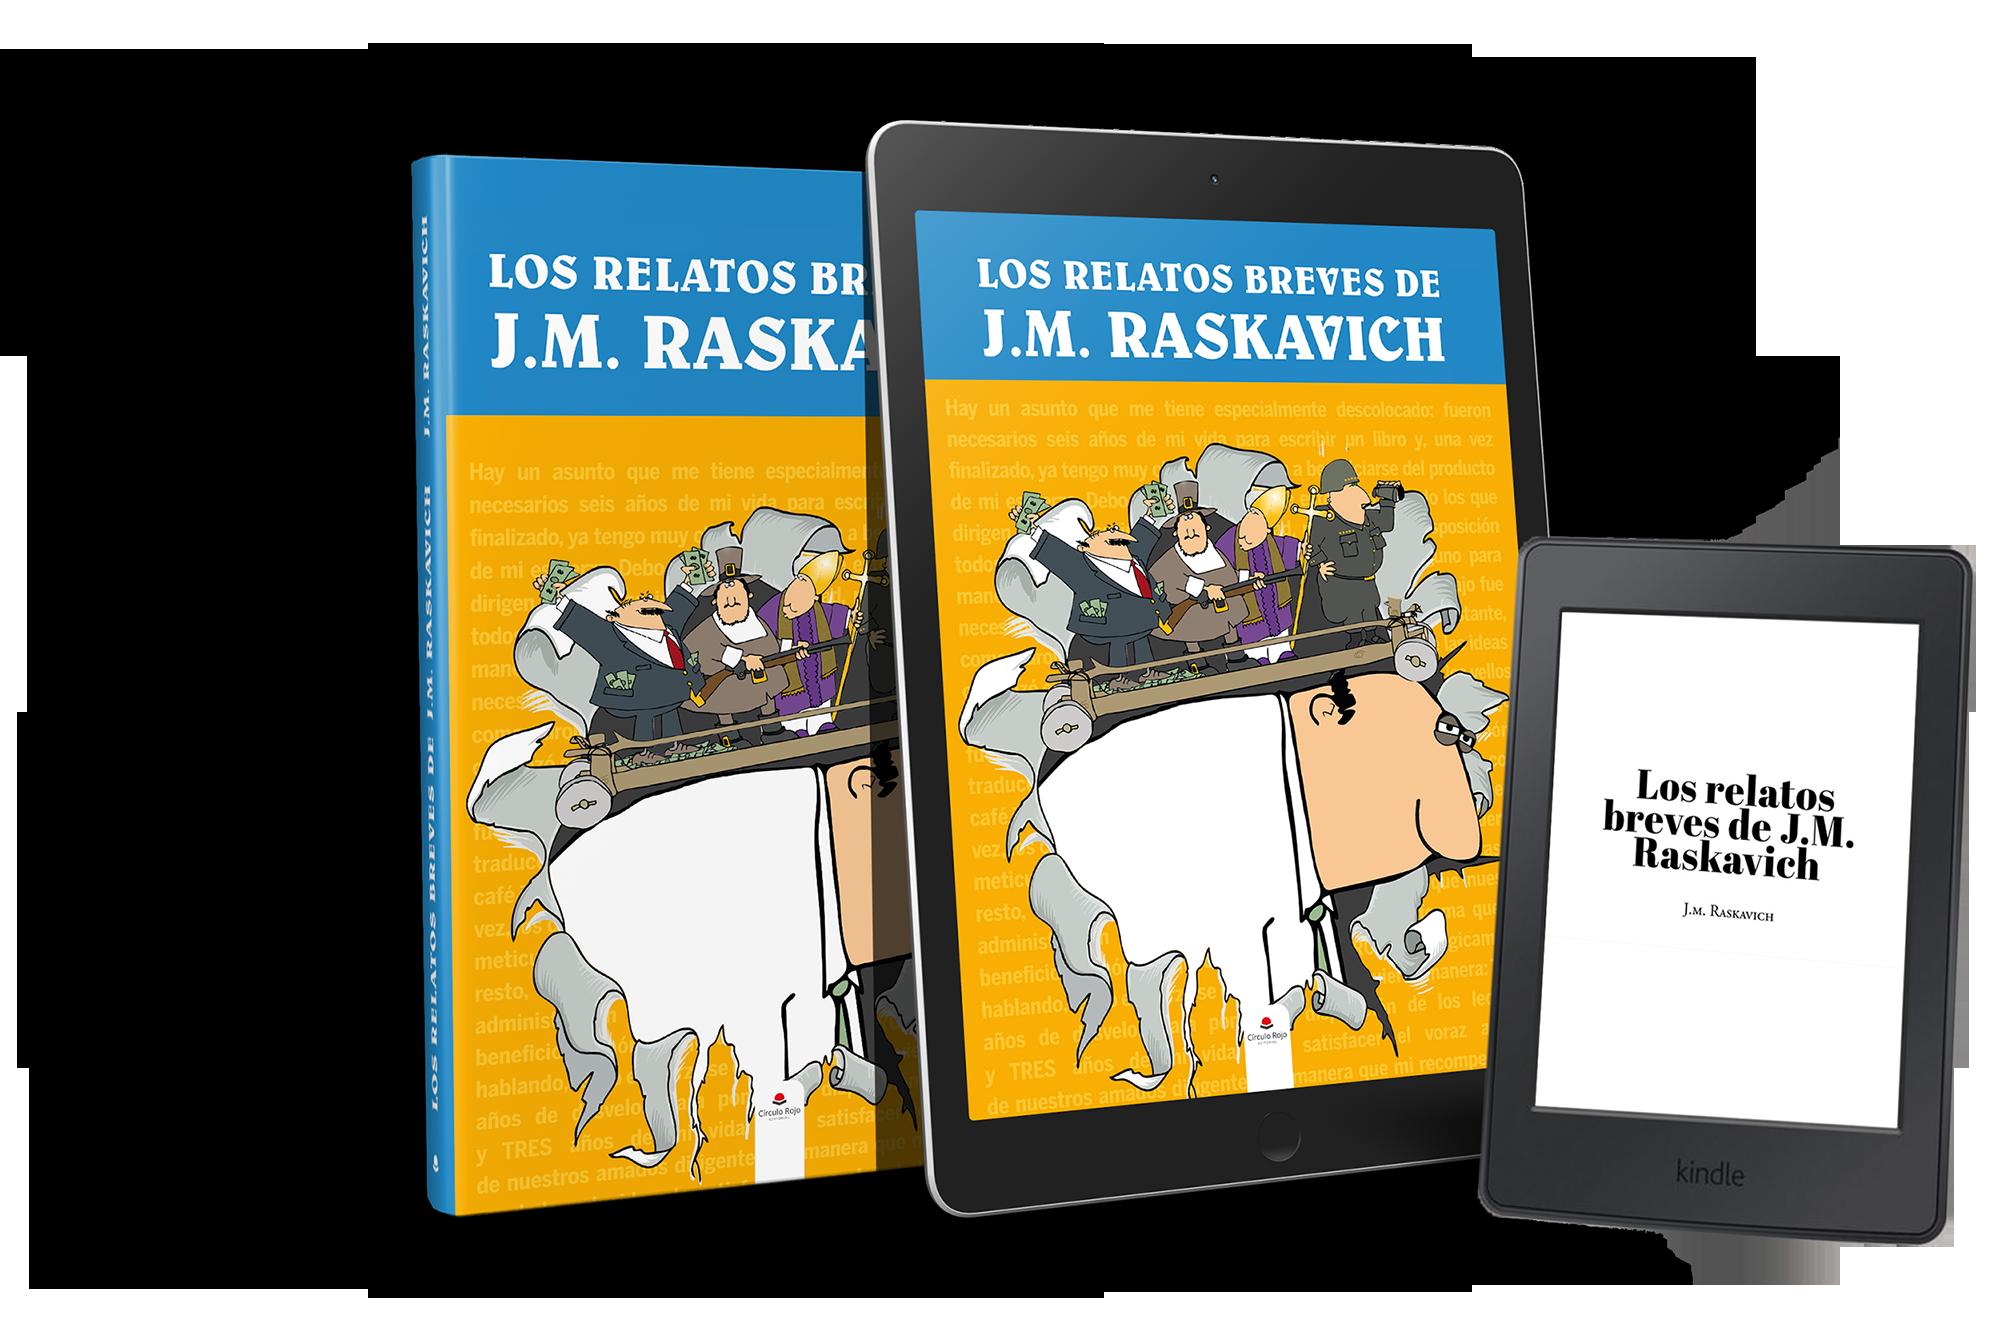 Mejores libros relatos 2020 -Los Relatos Breves de JM Raskavich -Libro y EBook